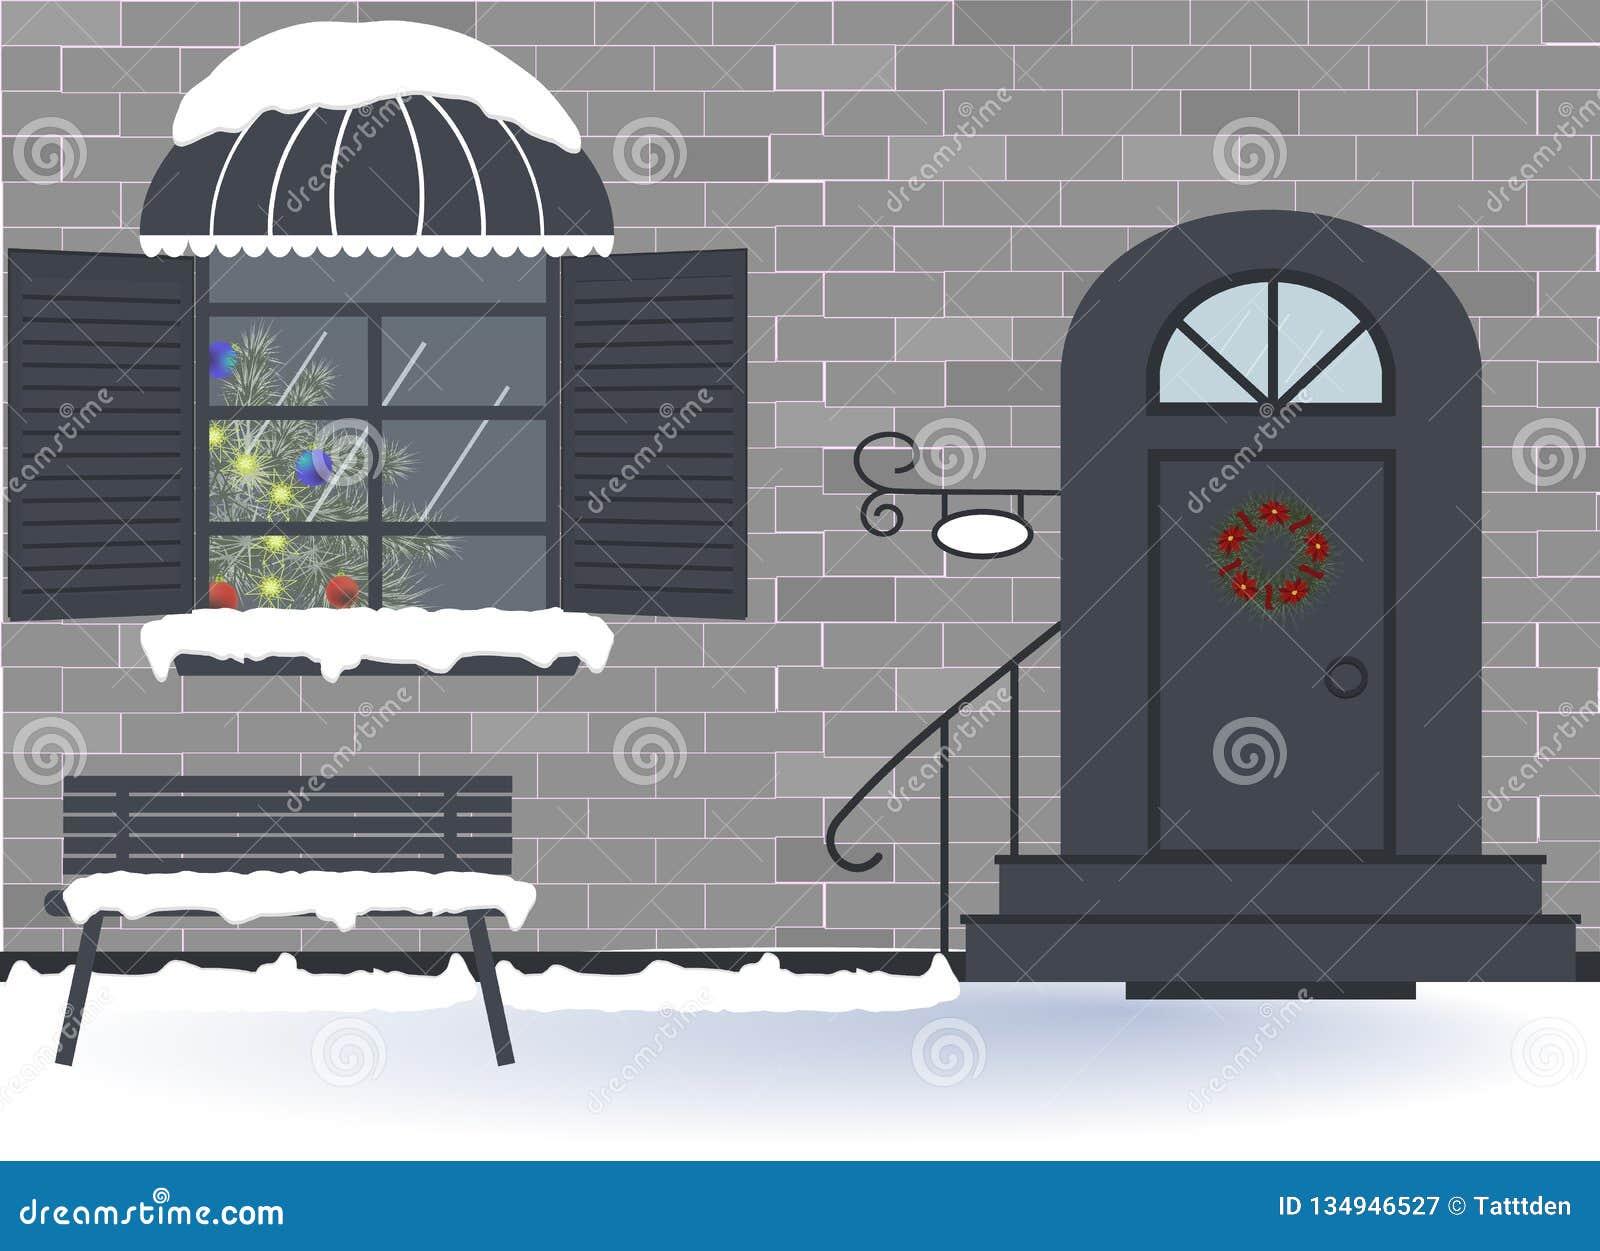 Праздник: Веселое рождество, Новый Год и торжество xmas Внешняя дверь дома и украшение окна на праздники рождества